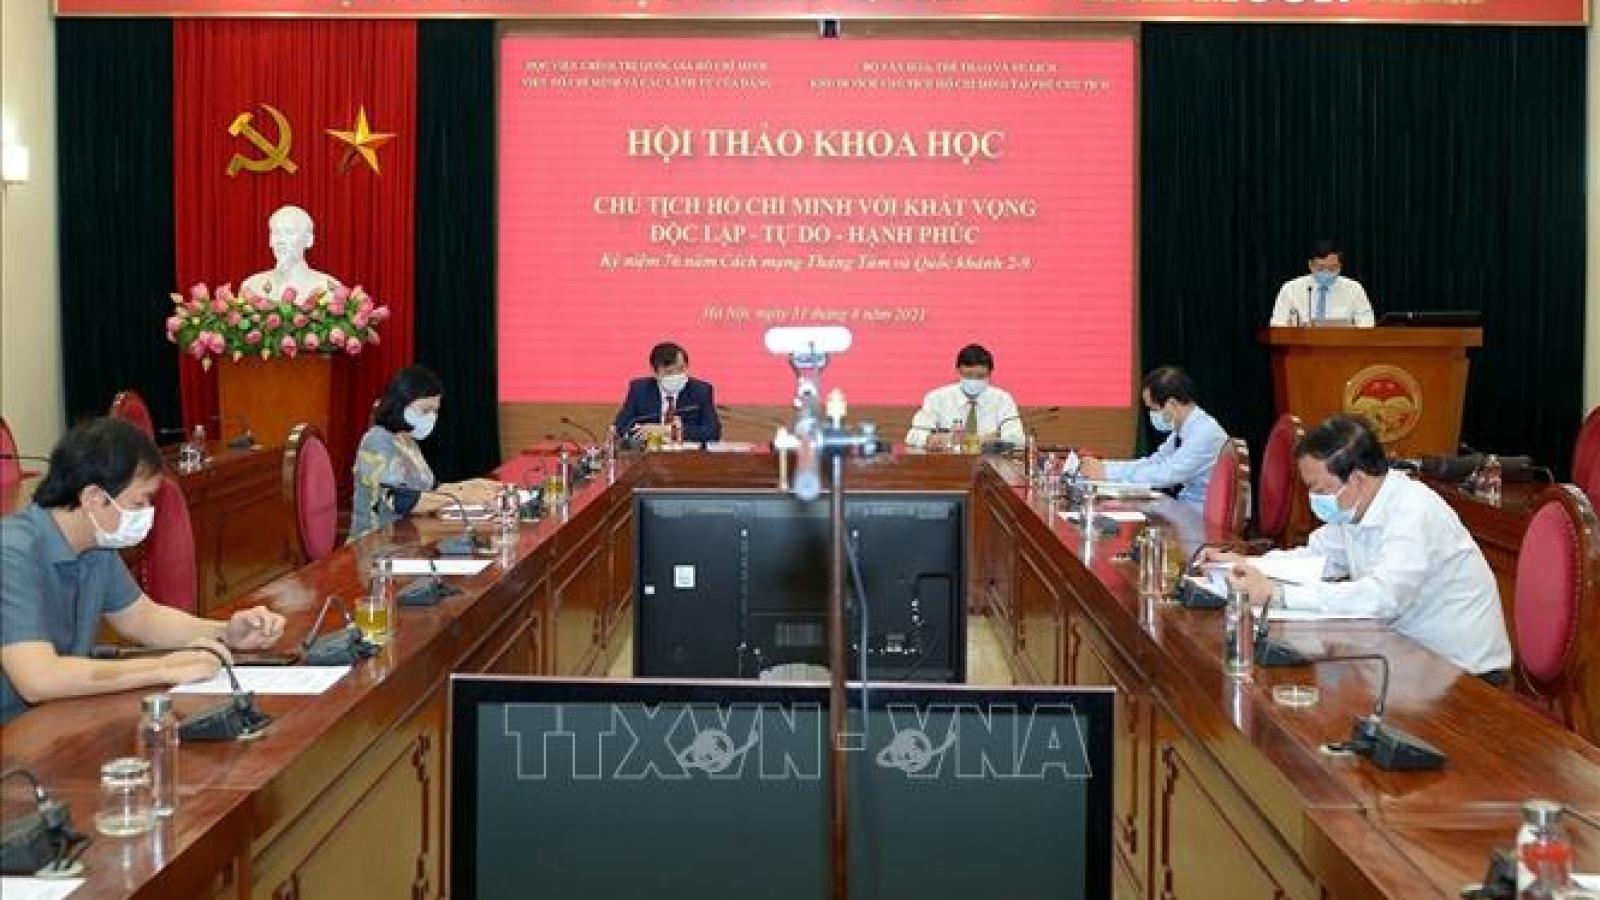 """Hội thảo """"Chủ tịch Hồ Chí Minh với khát vọng độc lập - tự do - hạnh phúc"""""""